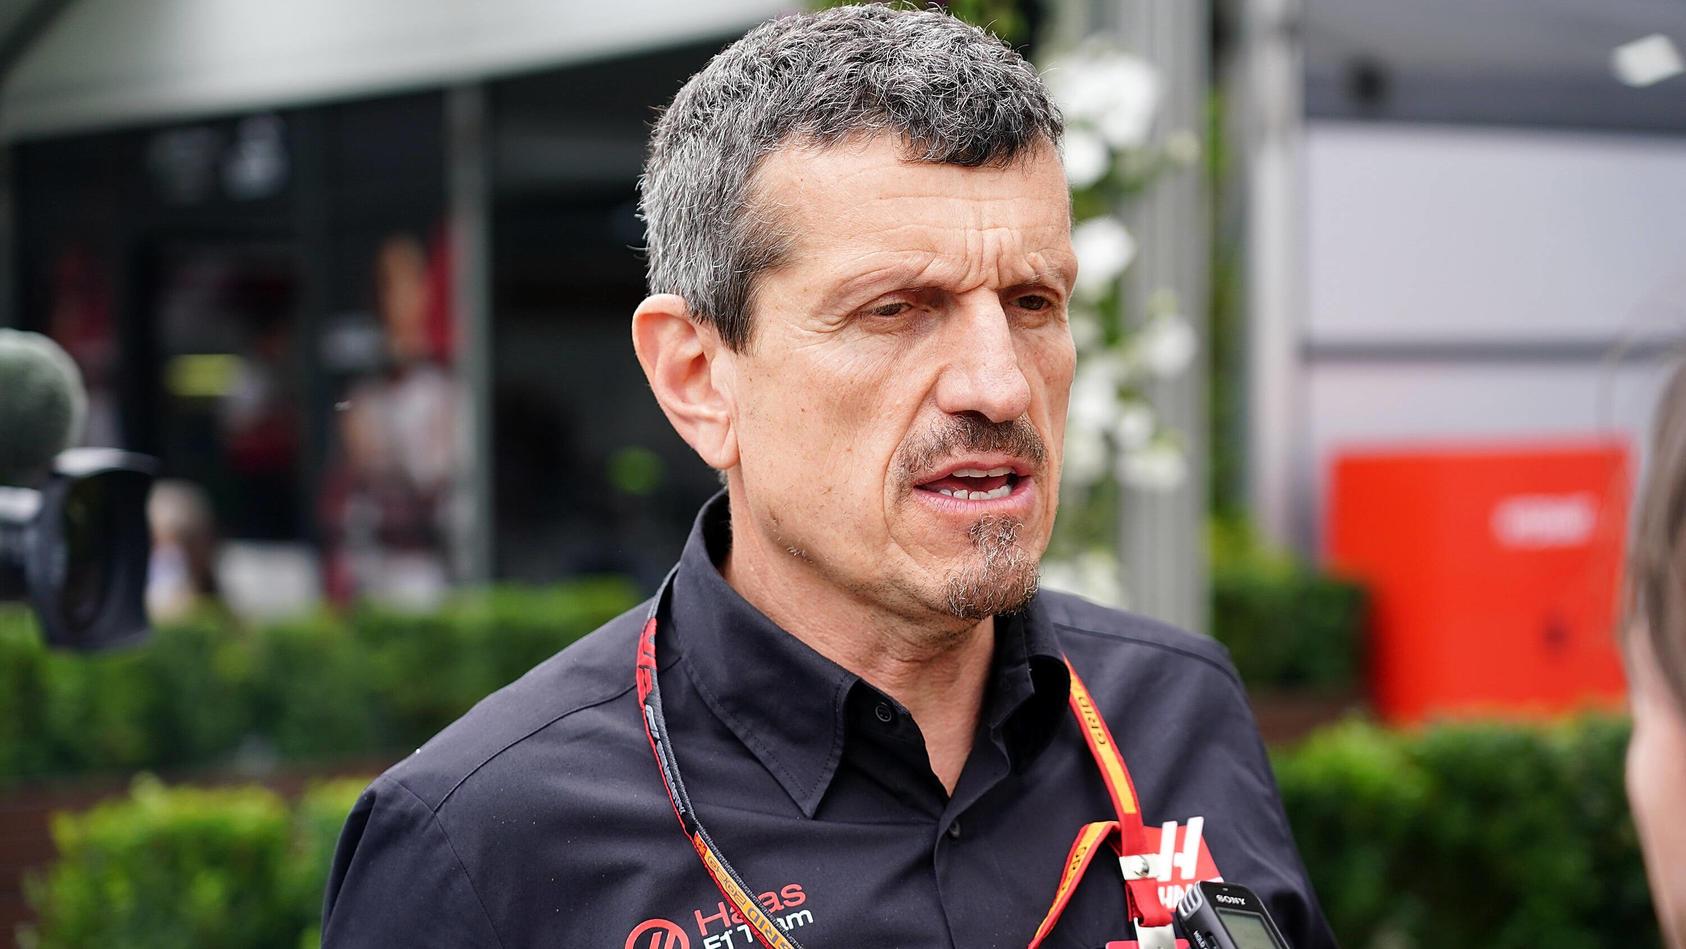 Melbourne, Australien, 13.03.2020, Formel 1, Formula 1, Australian Grand Prix, Das Rennen in Melbourne ist abgesagt word